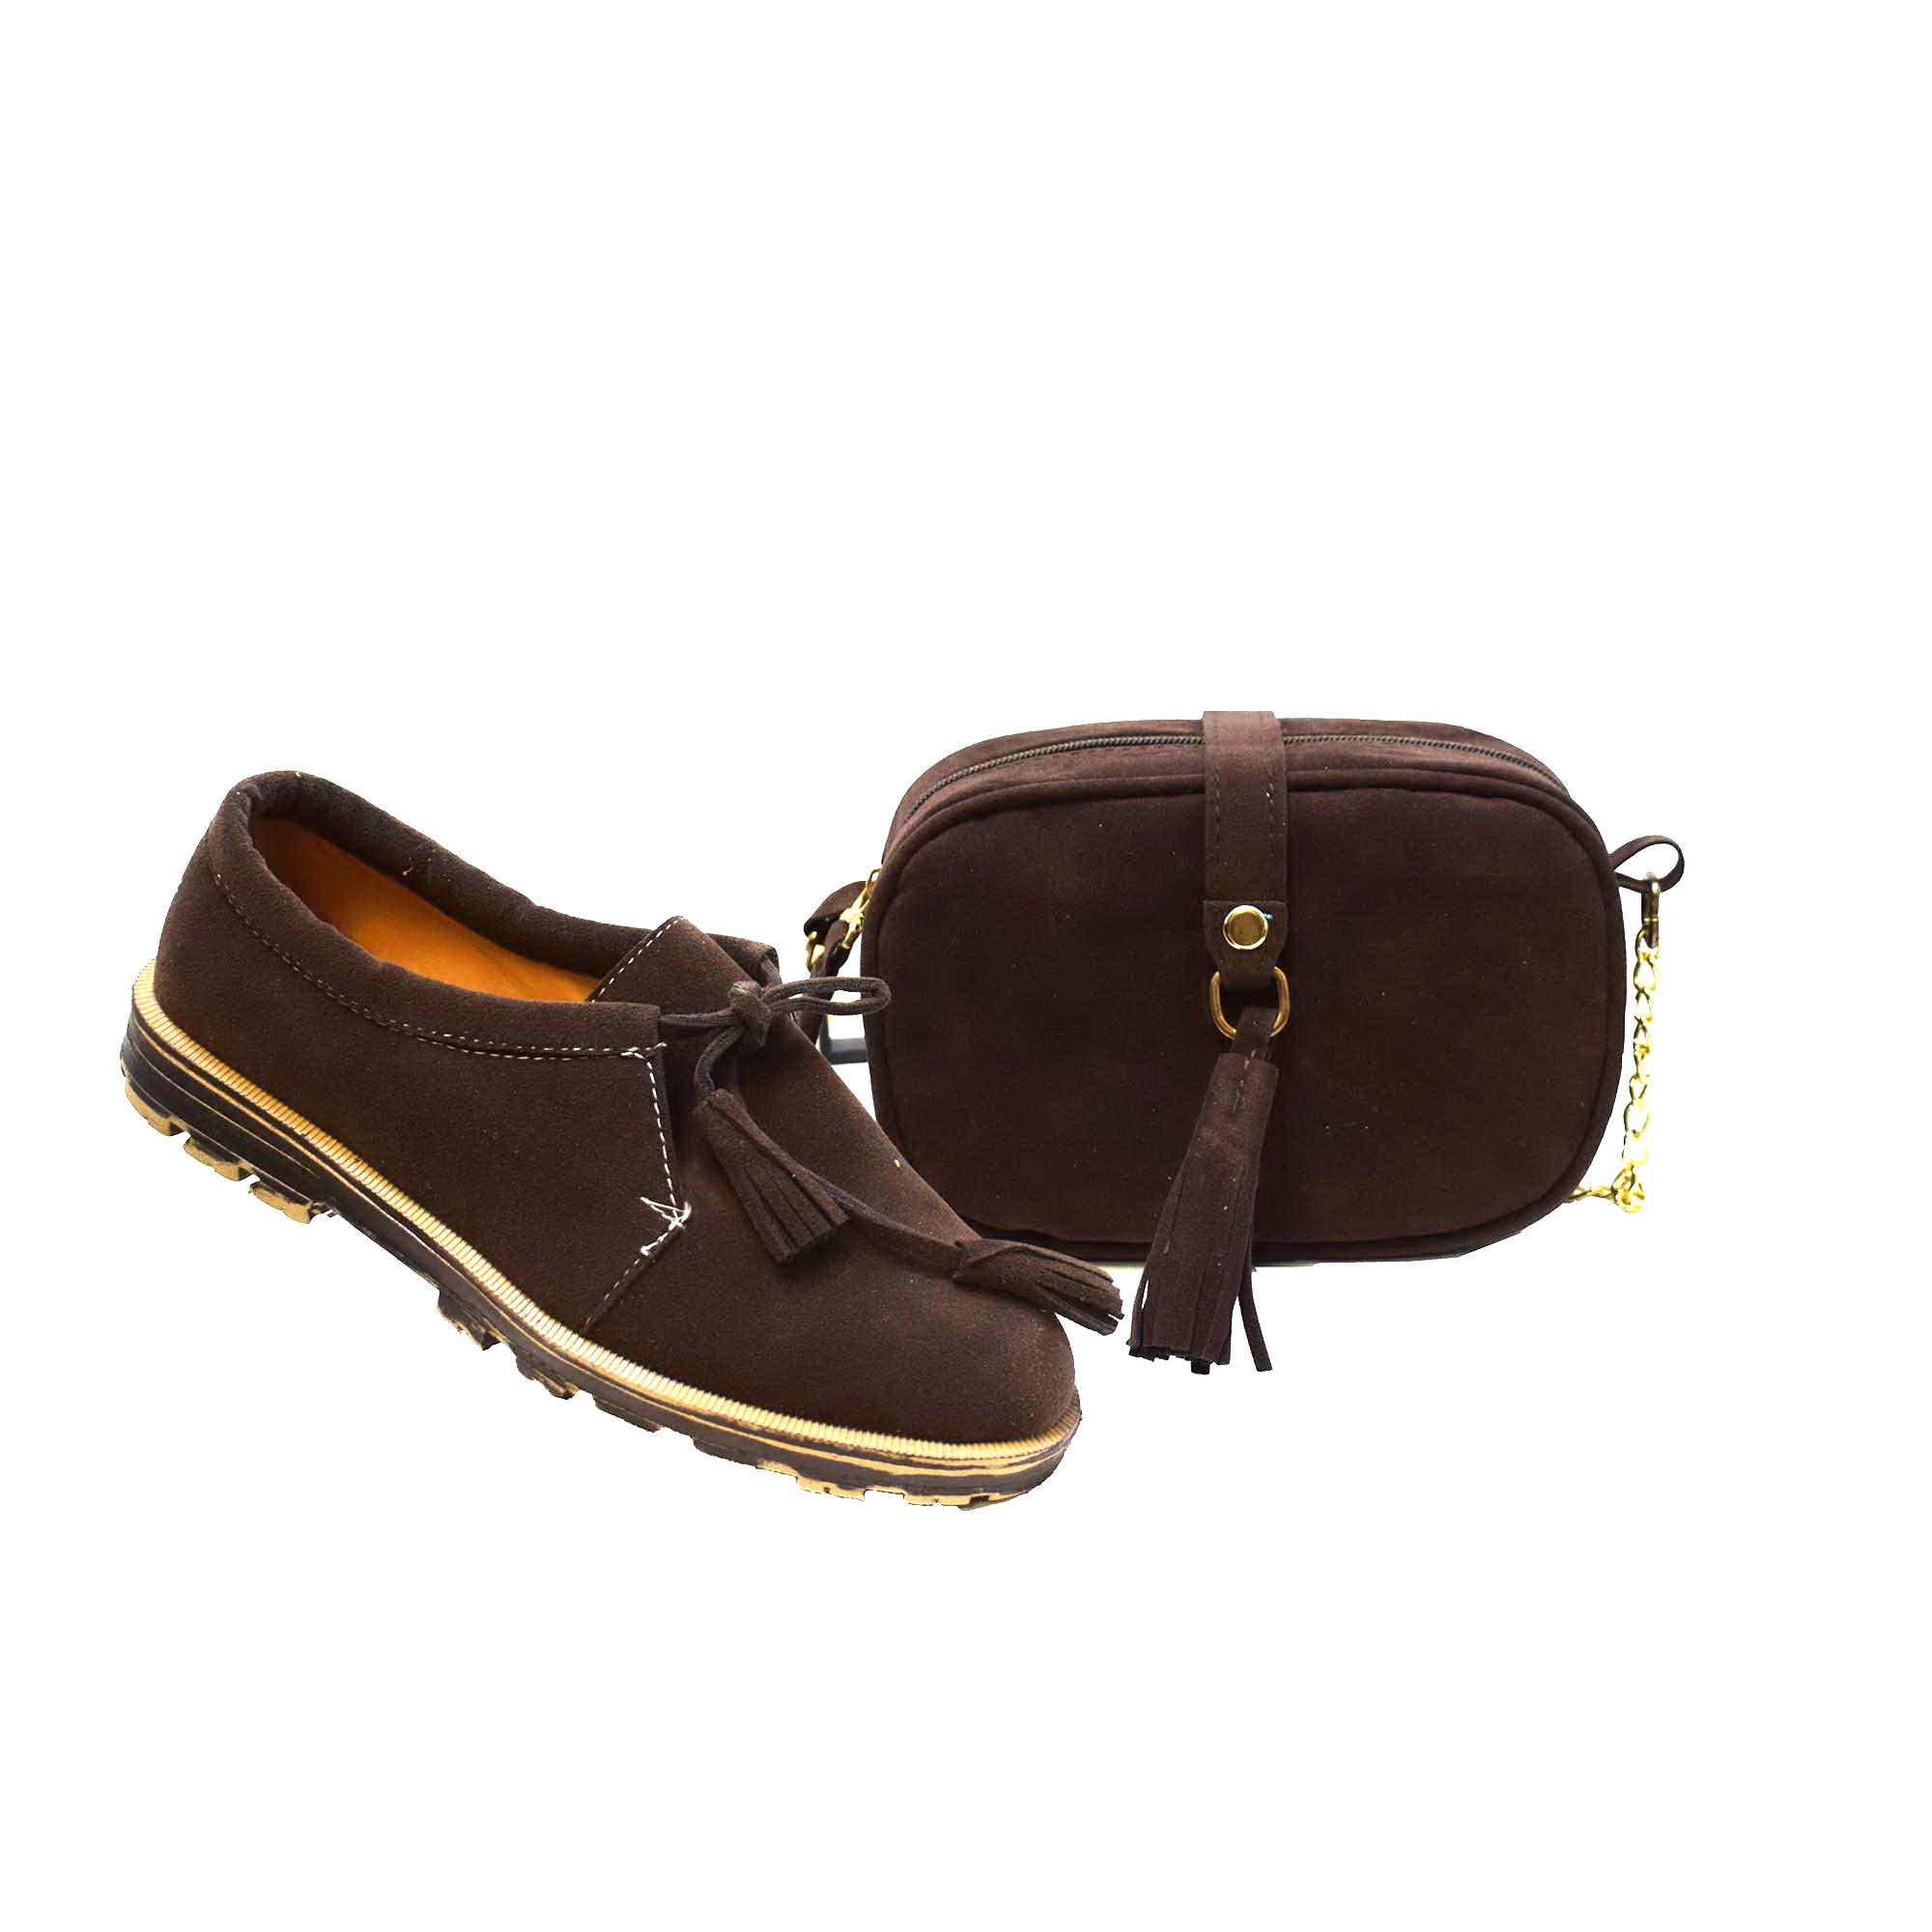 قیمت ست کیف و کفش زنانه آذاردو کد SE03011